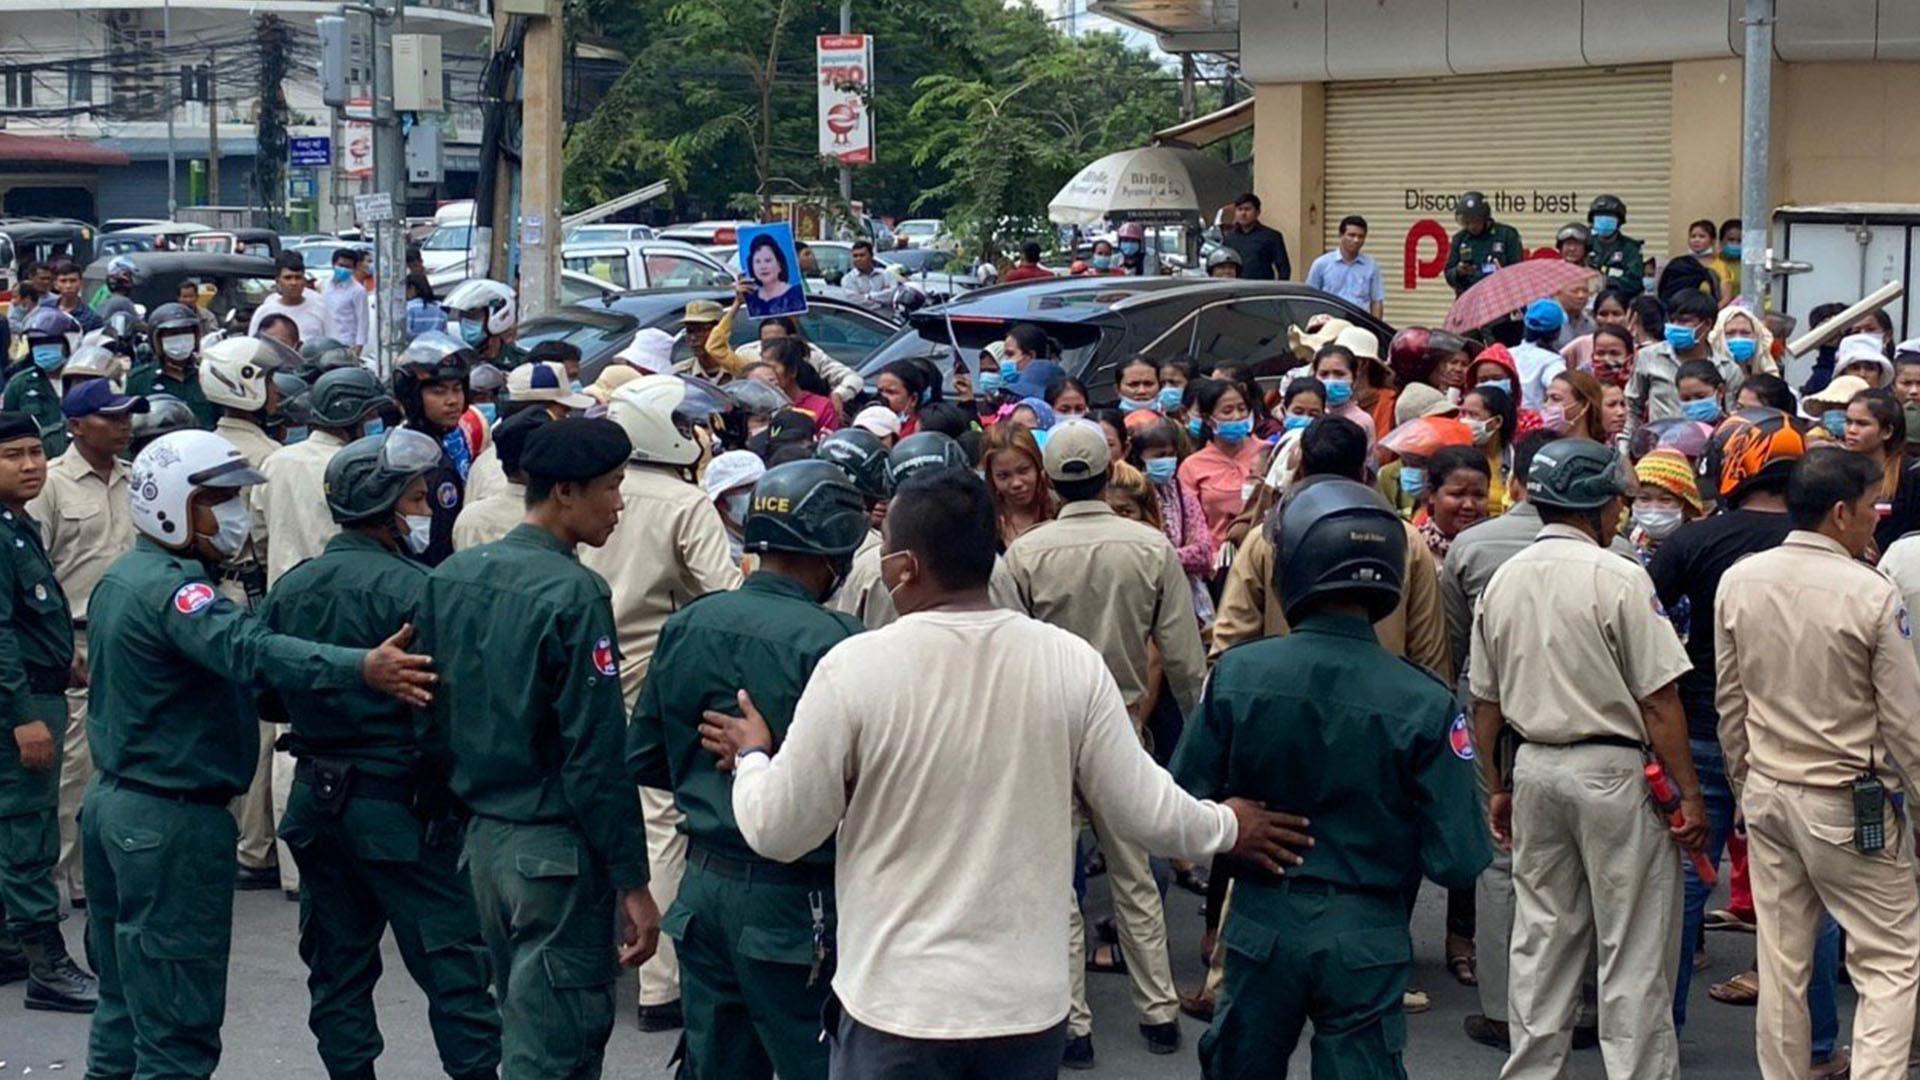 ក្រុមកម្មកររោងចក្រ វ៉ាយអូលែត VIOLET APPAREL CAMBODIA CO,.LTD ច្រើនរយនាក់ ព្យាយាមហែញត្តិទៅដាក់នៅខុទ្ទកាល័យលោកនាយករដ្ឋមន្ត្រី ហ៊ុន សែន នៅព្រឹកថ្ងៃទី២៣ ខែកក្កដា ឆ្នាំ២០២០ តែត្រូវបានសមត្ថកិច្ចរារាំងមិនឲ្យបន្តដំណើរទៅមុខរួច។ រូប៖ កម្មករ